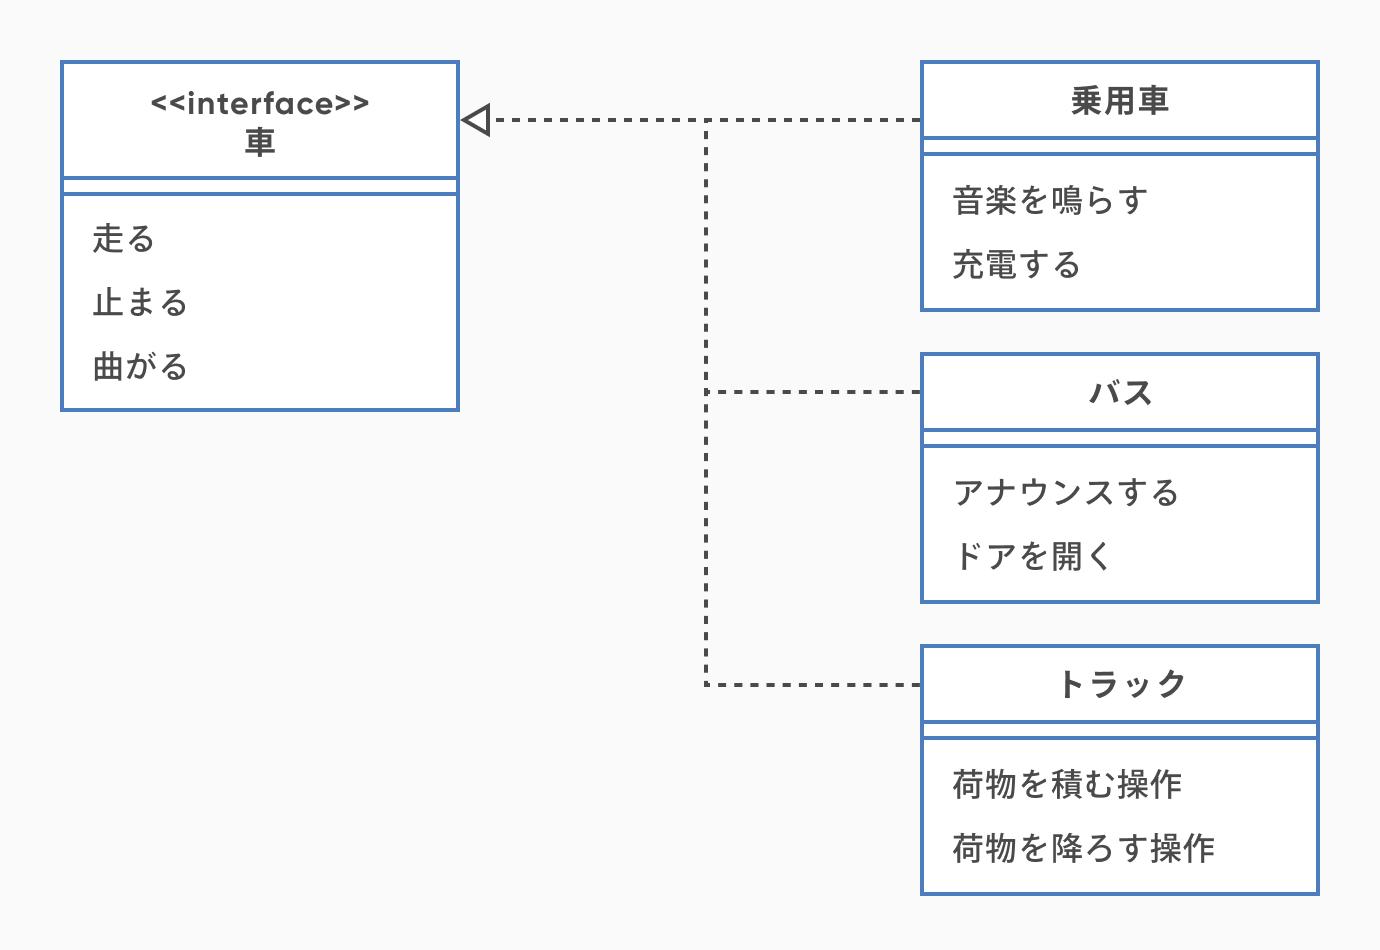 クラス図の例(インターフェース)